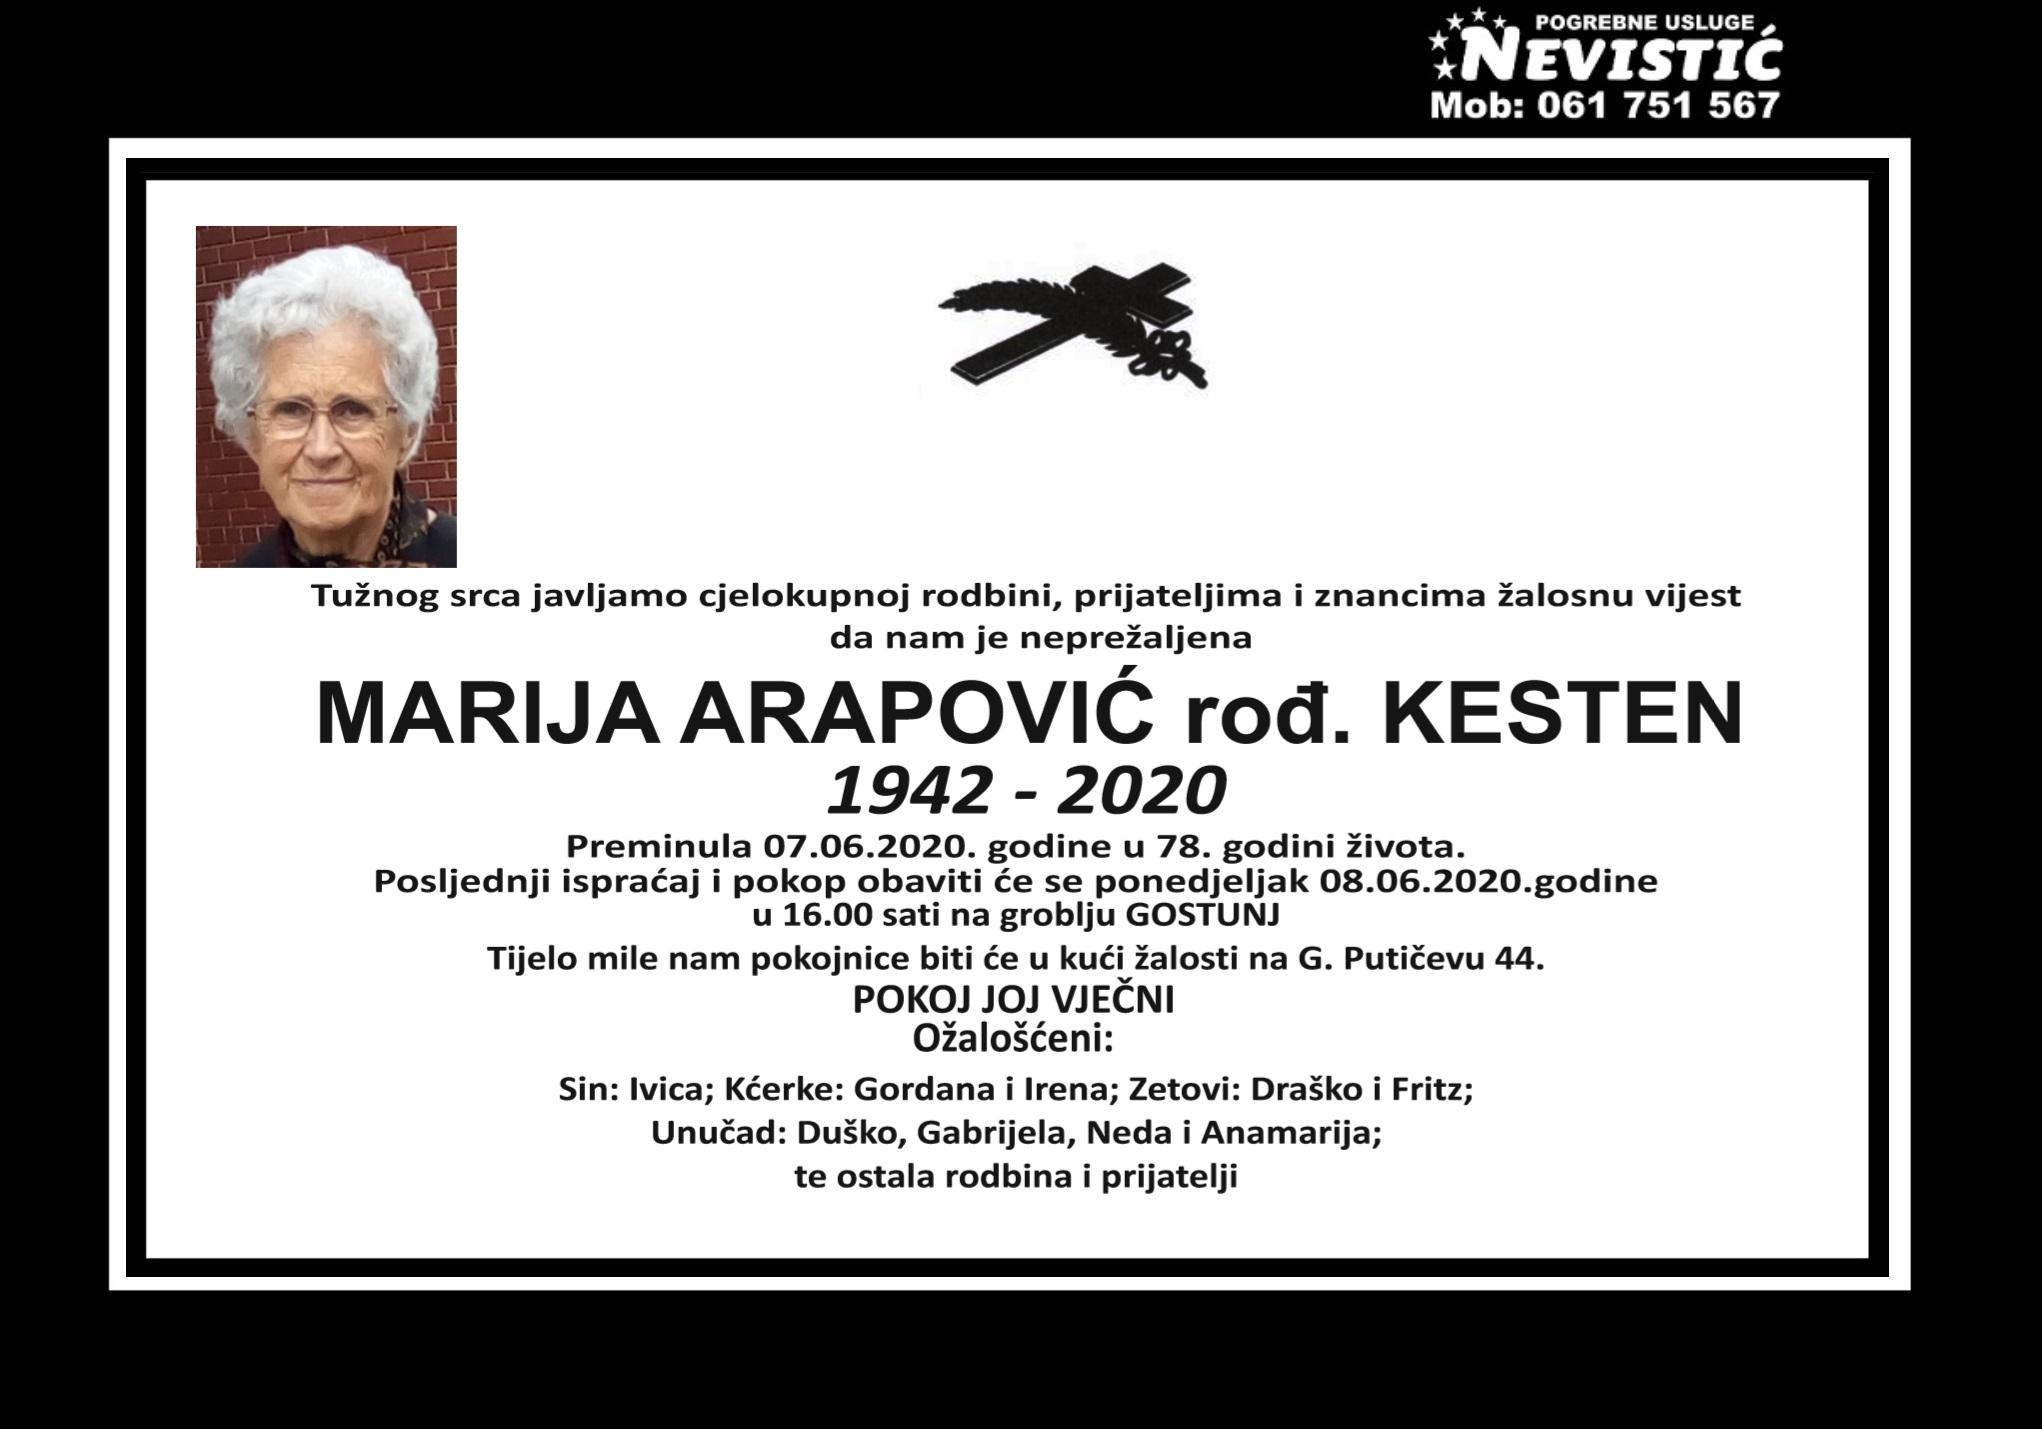 Marija Arapović rođ. Kesten